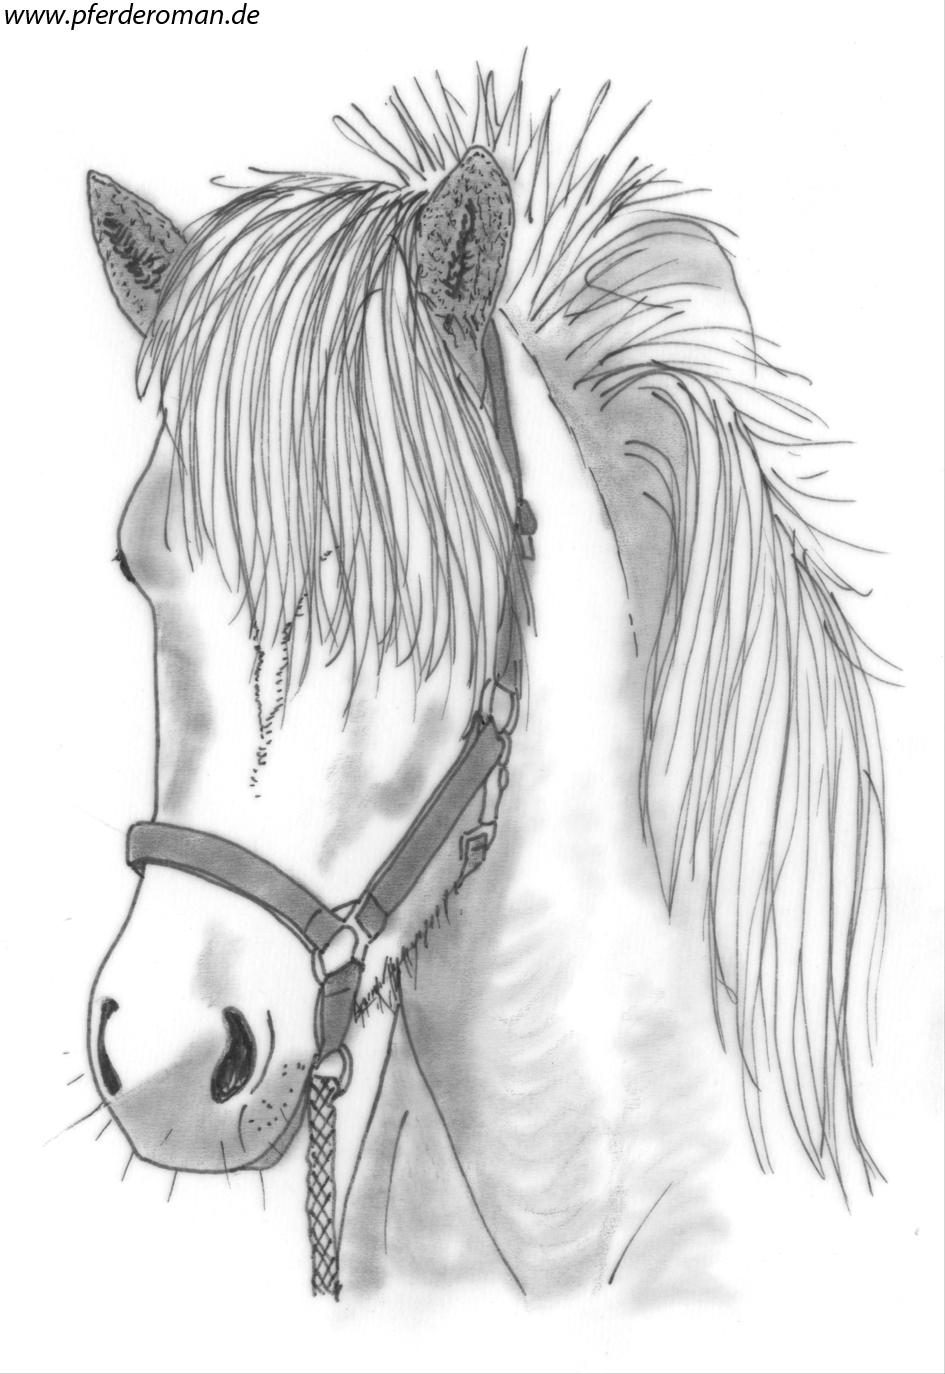 Kostenloste Pferdebilder Zum Ausmalen bei Pferdebilder Zum Ausdrucken Gratis